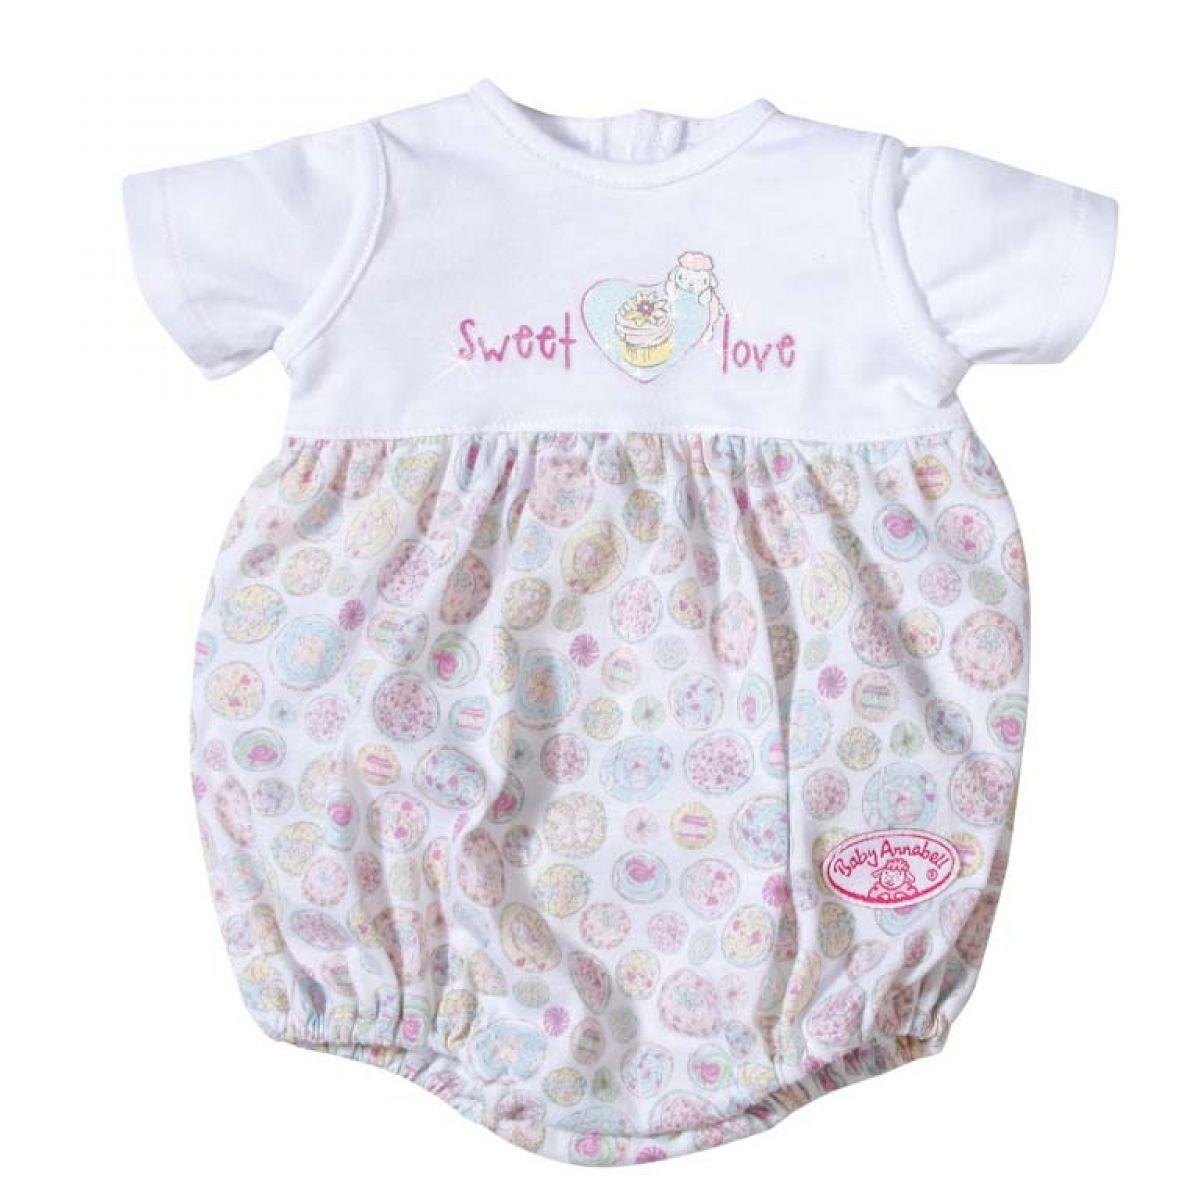 Baby Annabell Spodní prádlo 791172 - Bílé